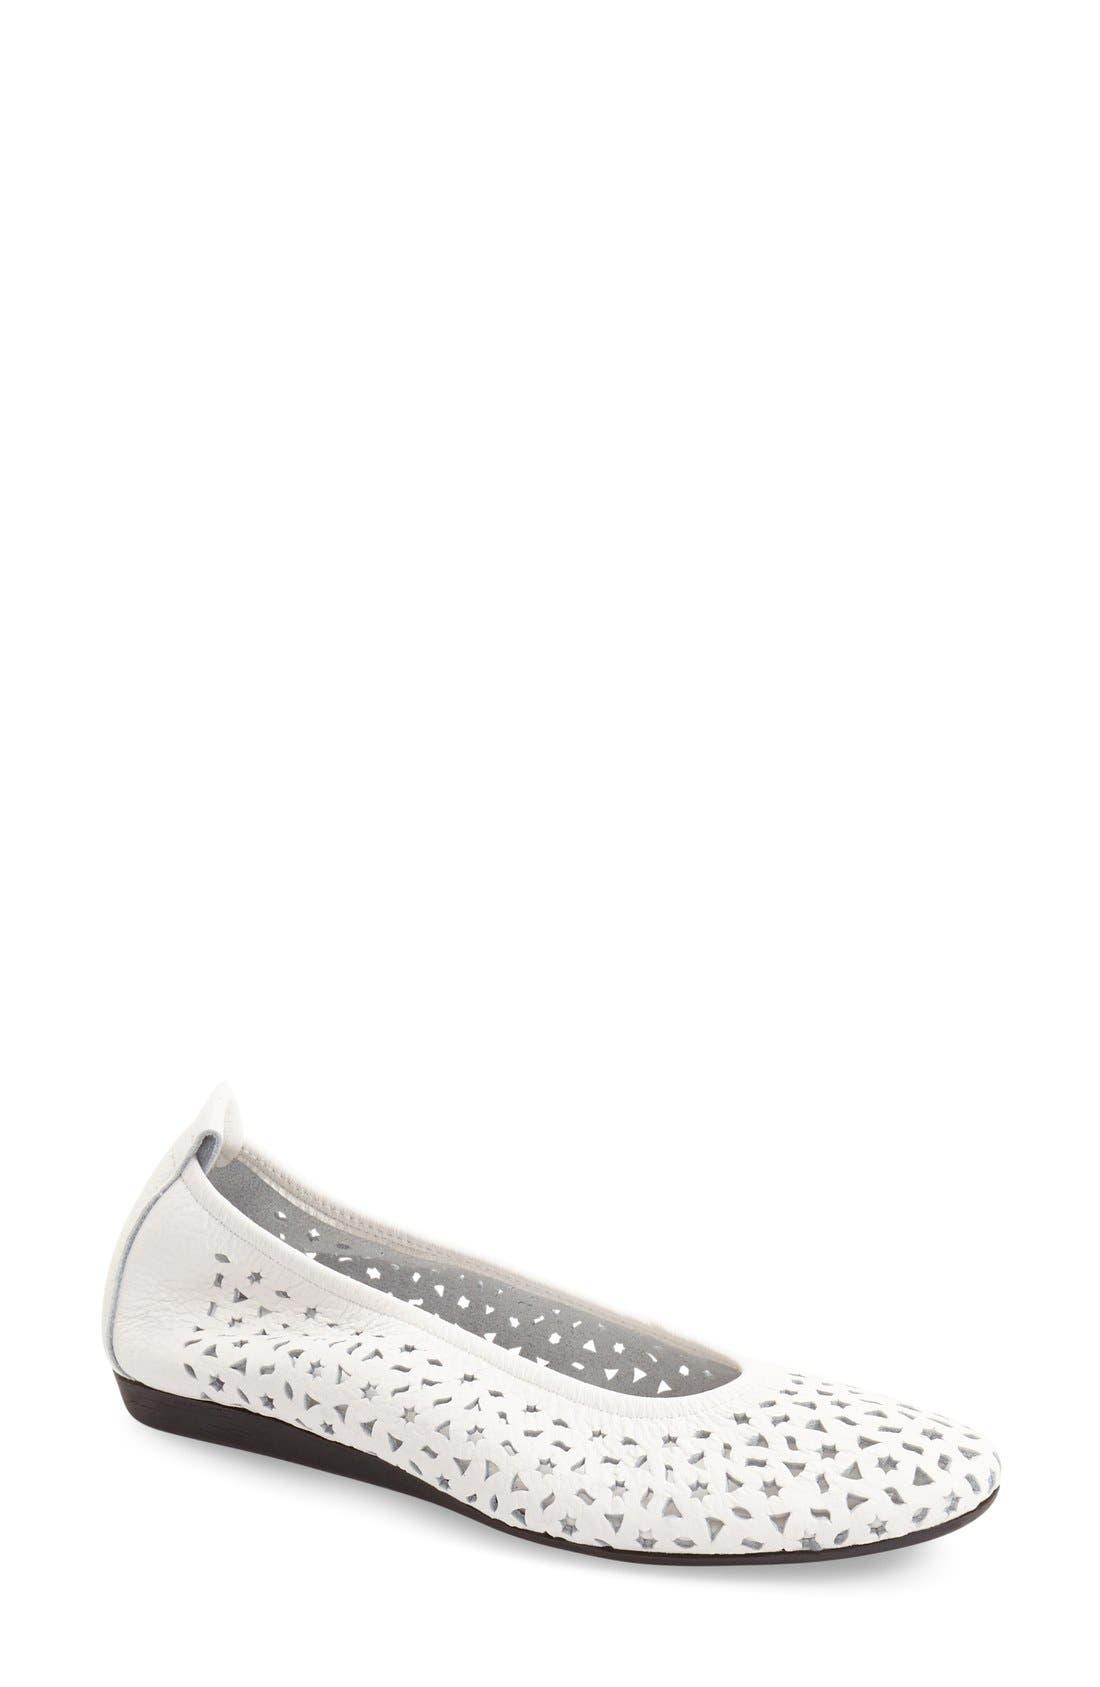 Women's Flats Arche Shoes   Nordstrom